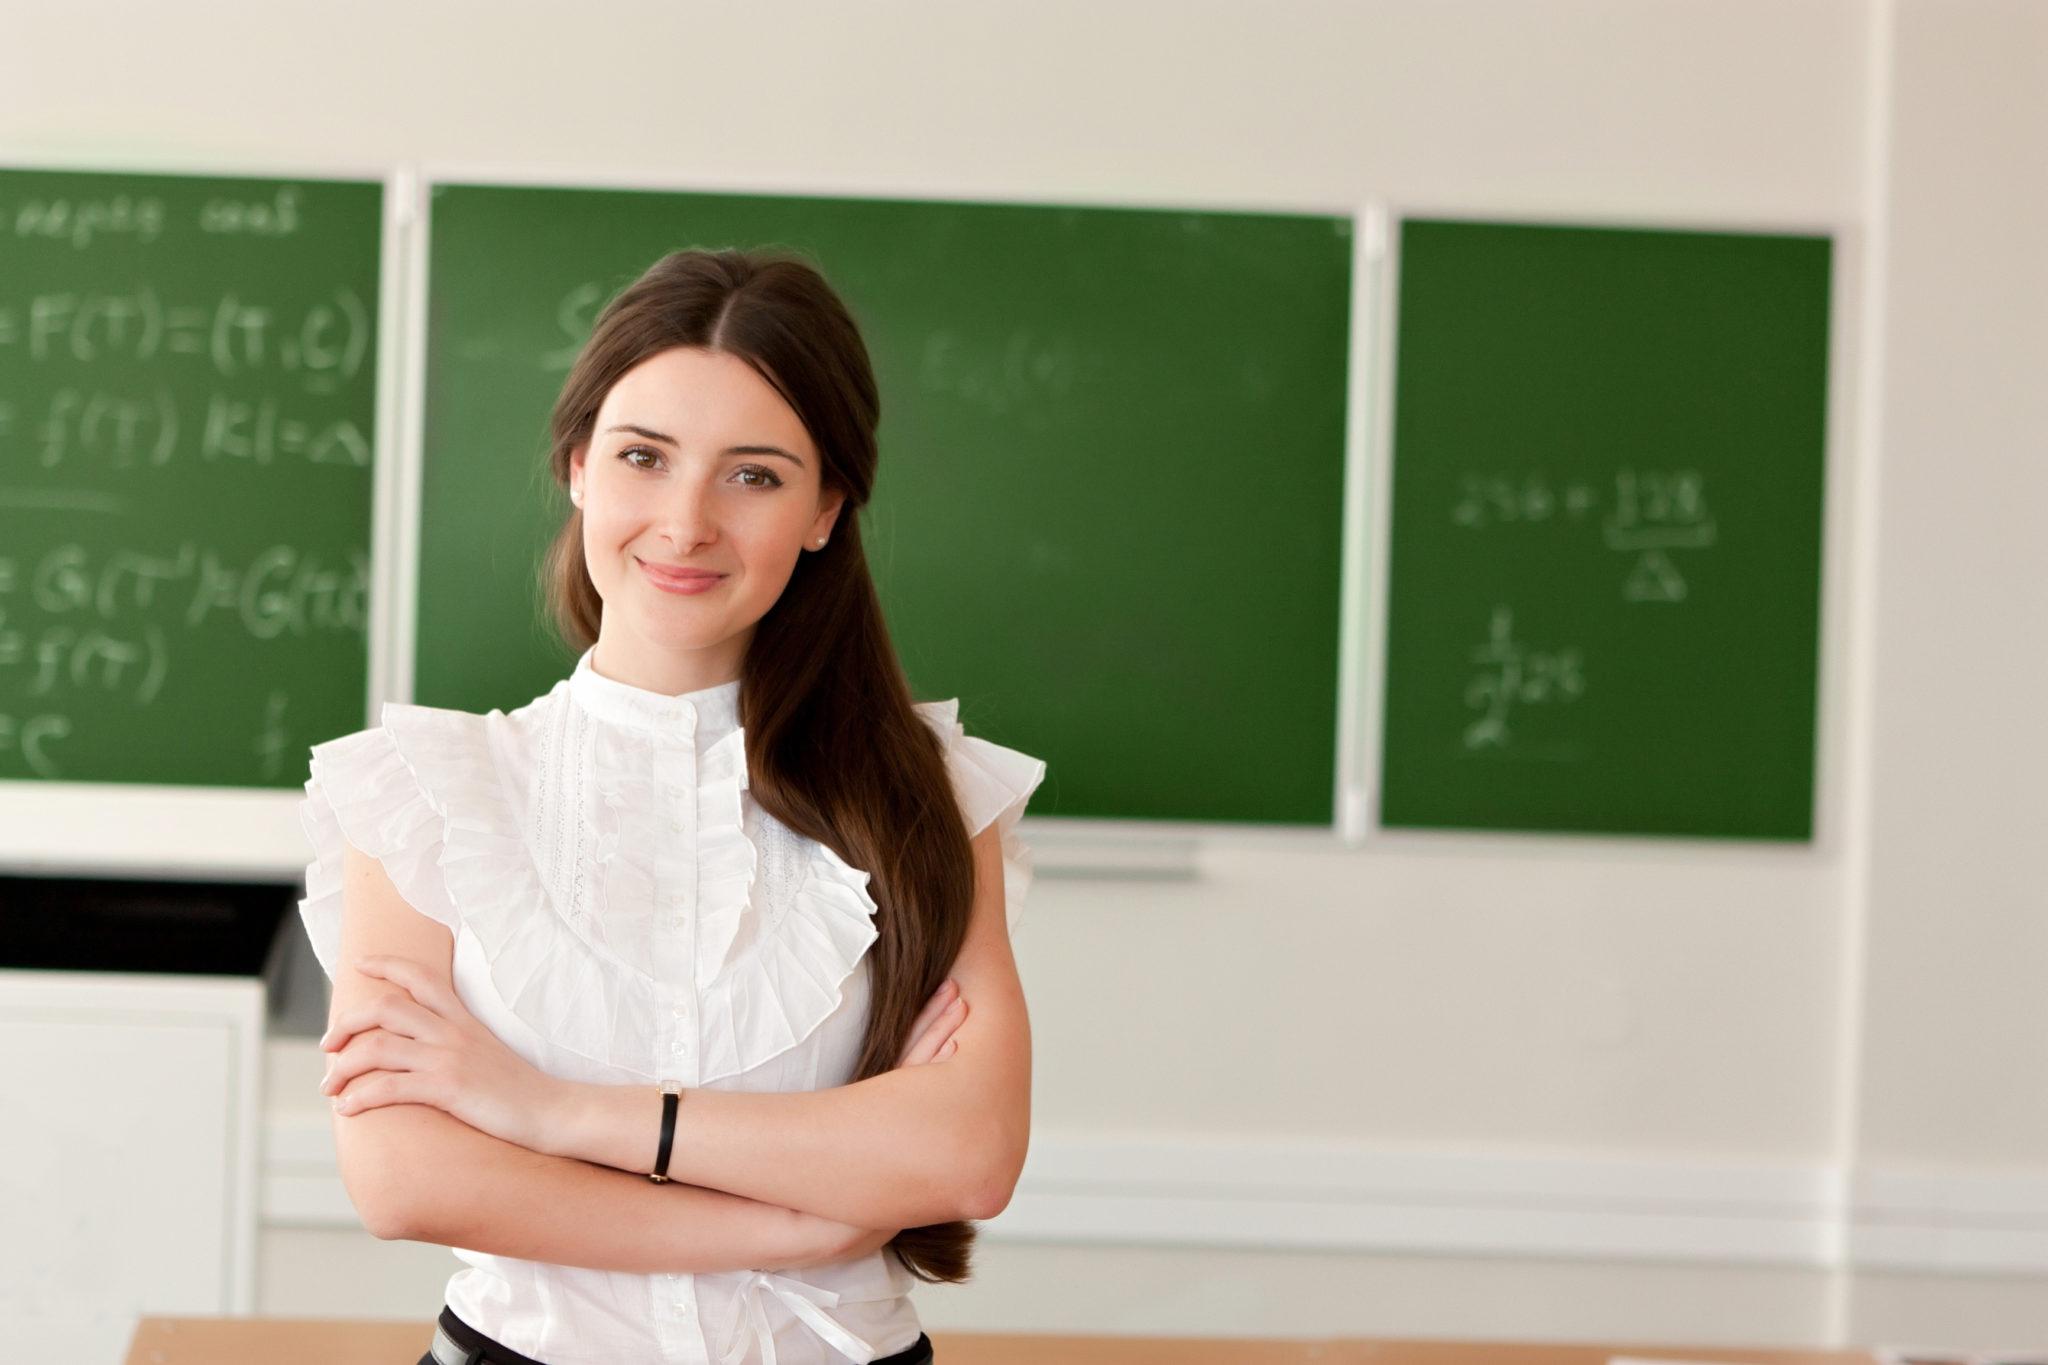 ¿Buscas TRABAJO de PROFESOR en Madrid? Hoy publicamos un nuevo Empleo en un Colegios Privado de Madrid. Envía tu CV a los colegios con CVExpres.